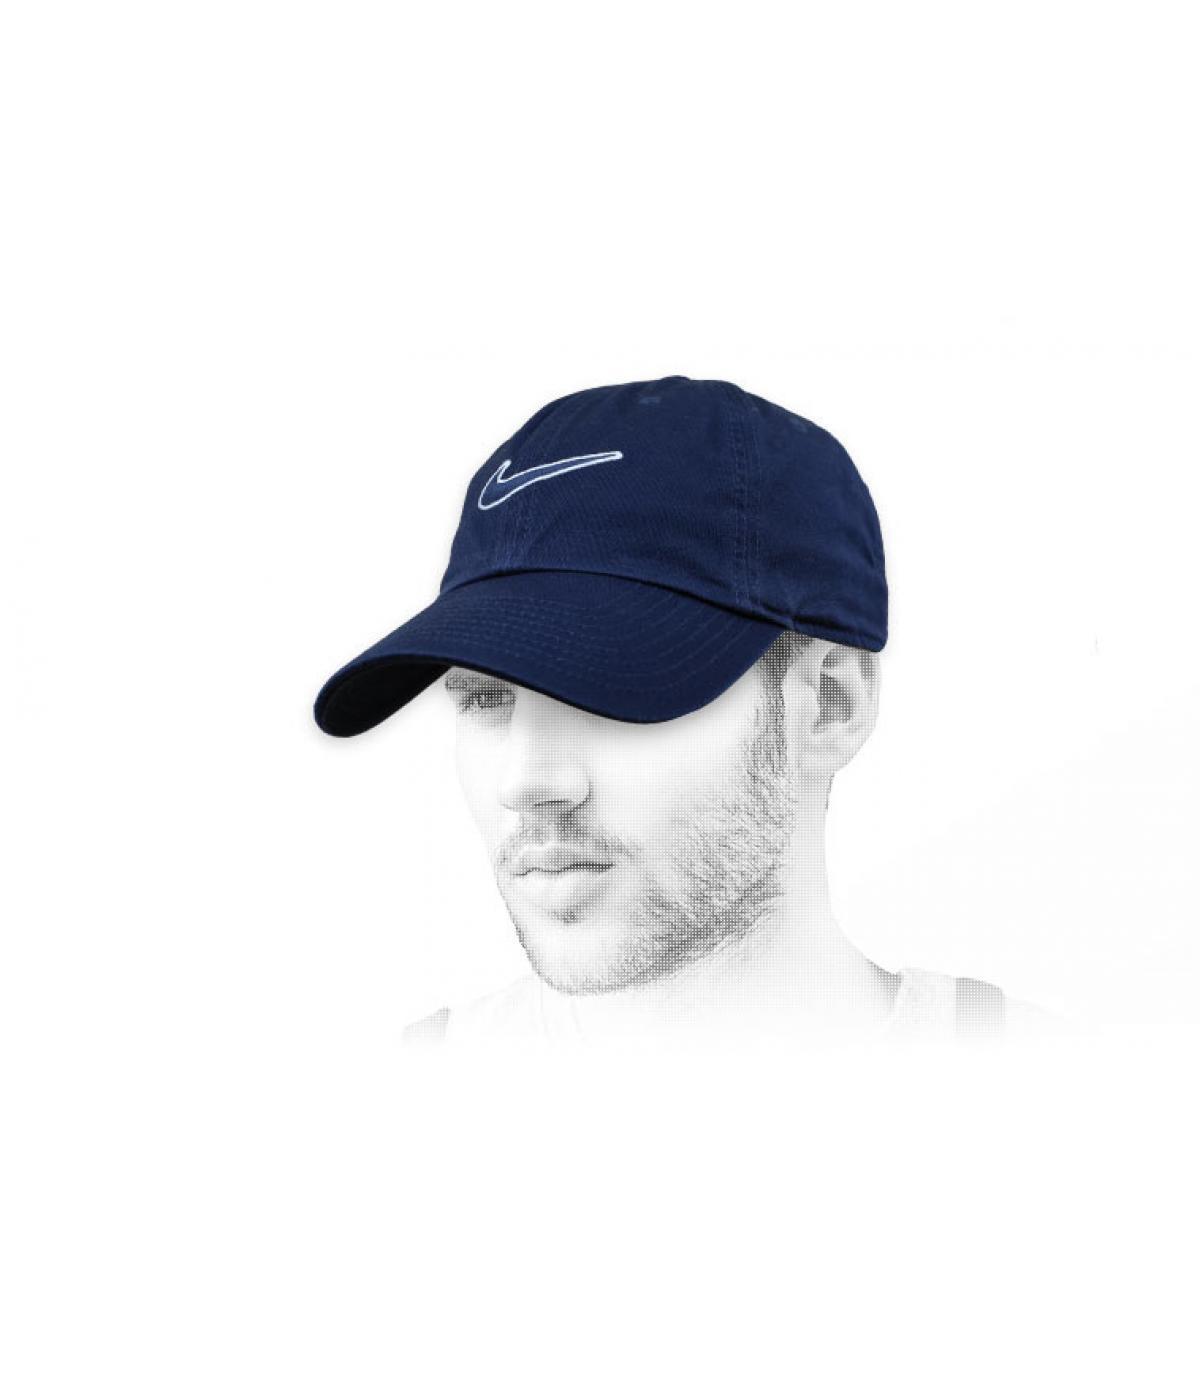 Nike zwarte swoosh cap